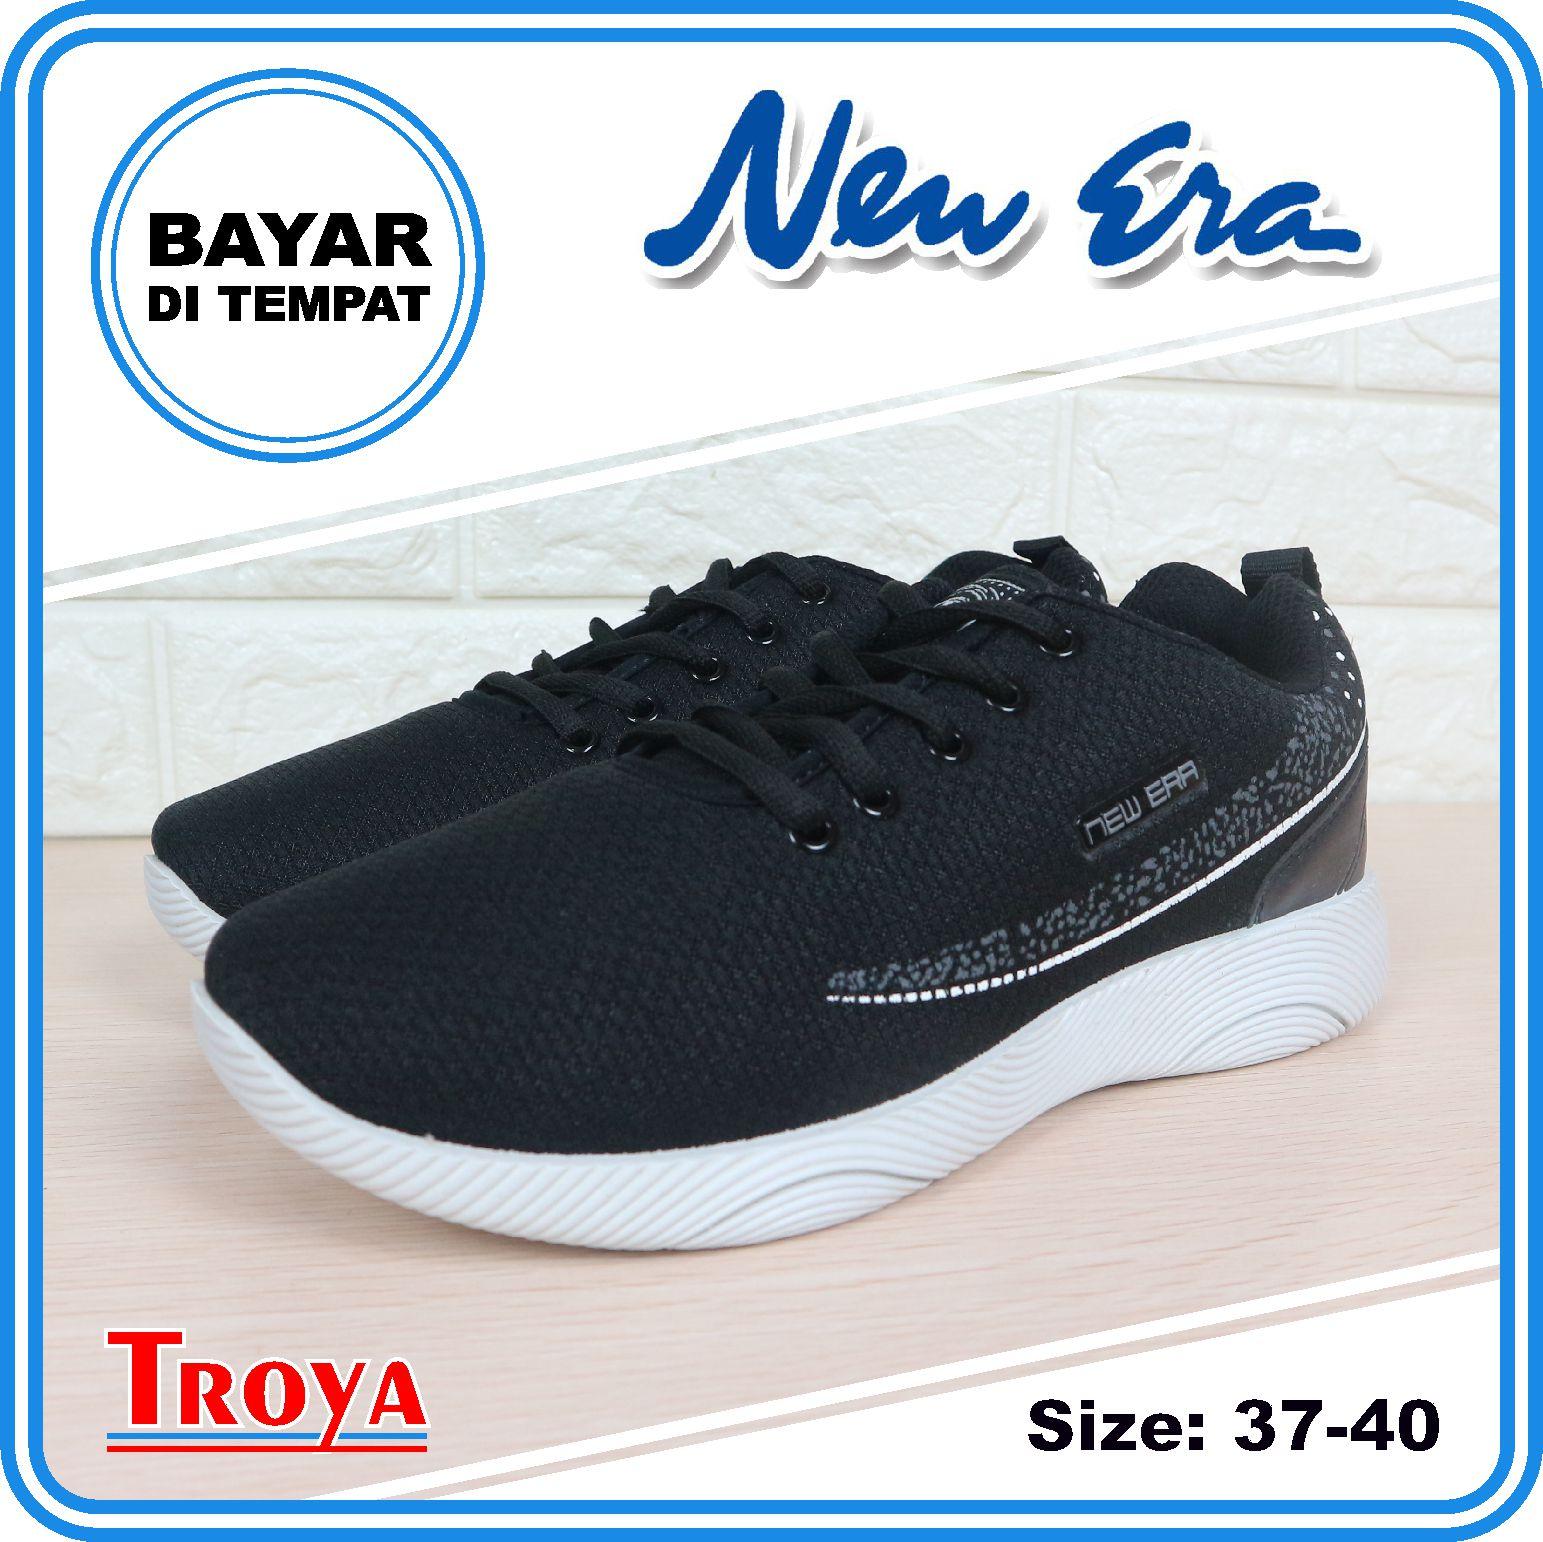 troya – new era sepatu sneakers wanita gracia01 hitam putih 37-40 / sepatu wanita gaul / sepatu lari olahraga wanita sporty / sepatuwanita olahraga troyastore